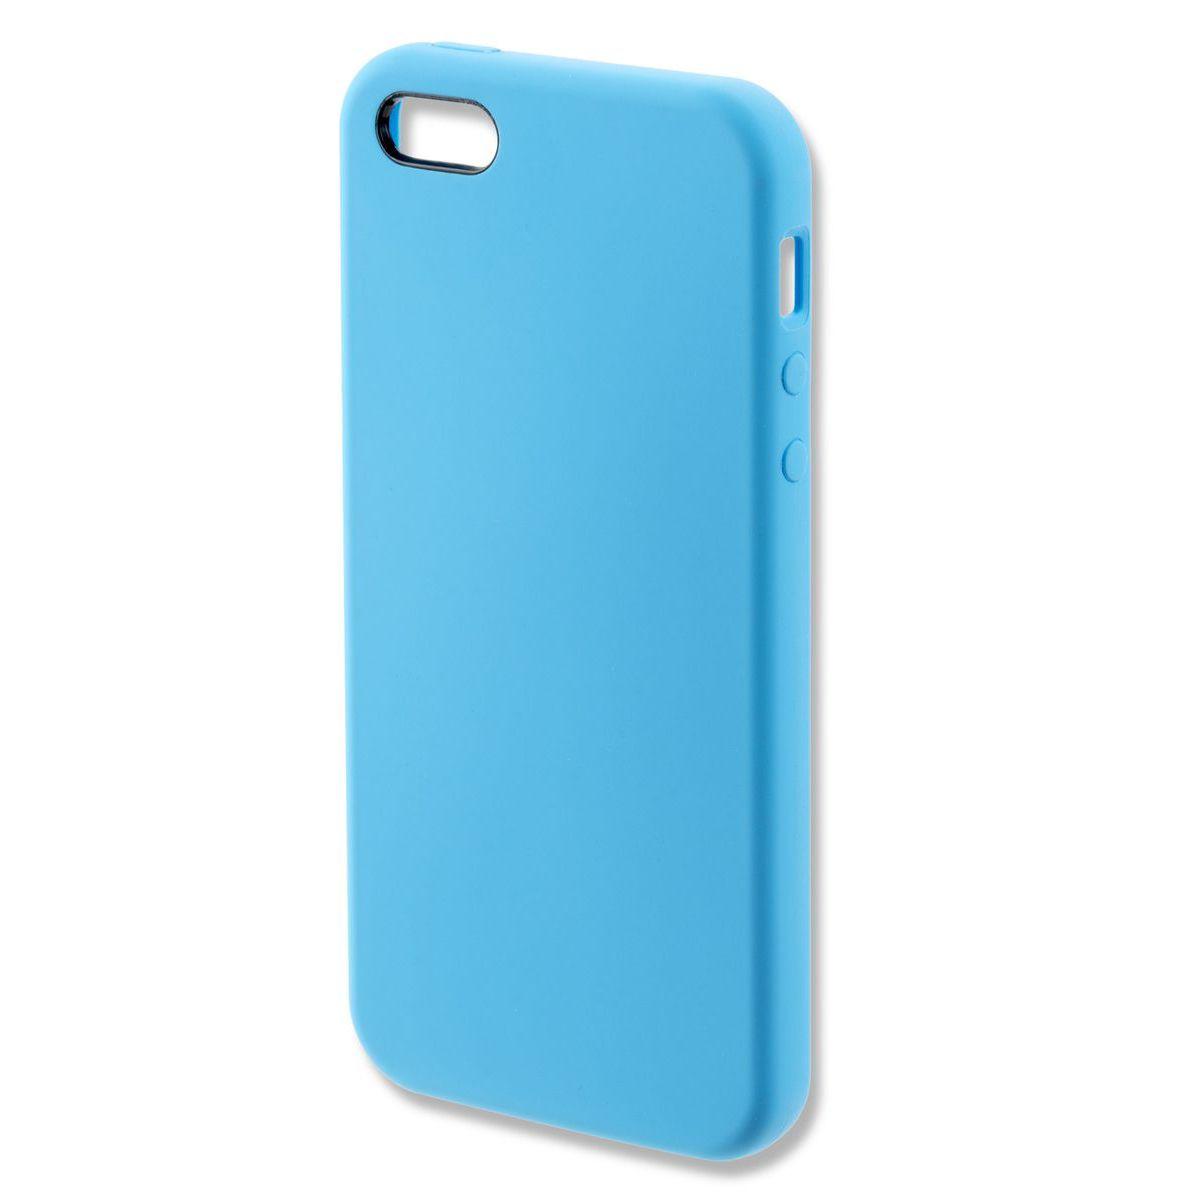 4Smarts Handytasche »CUPERTINO Silicone Case für iPhone 5/5S/SE«